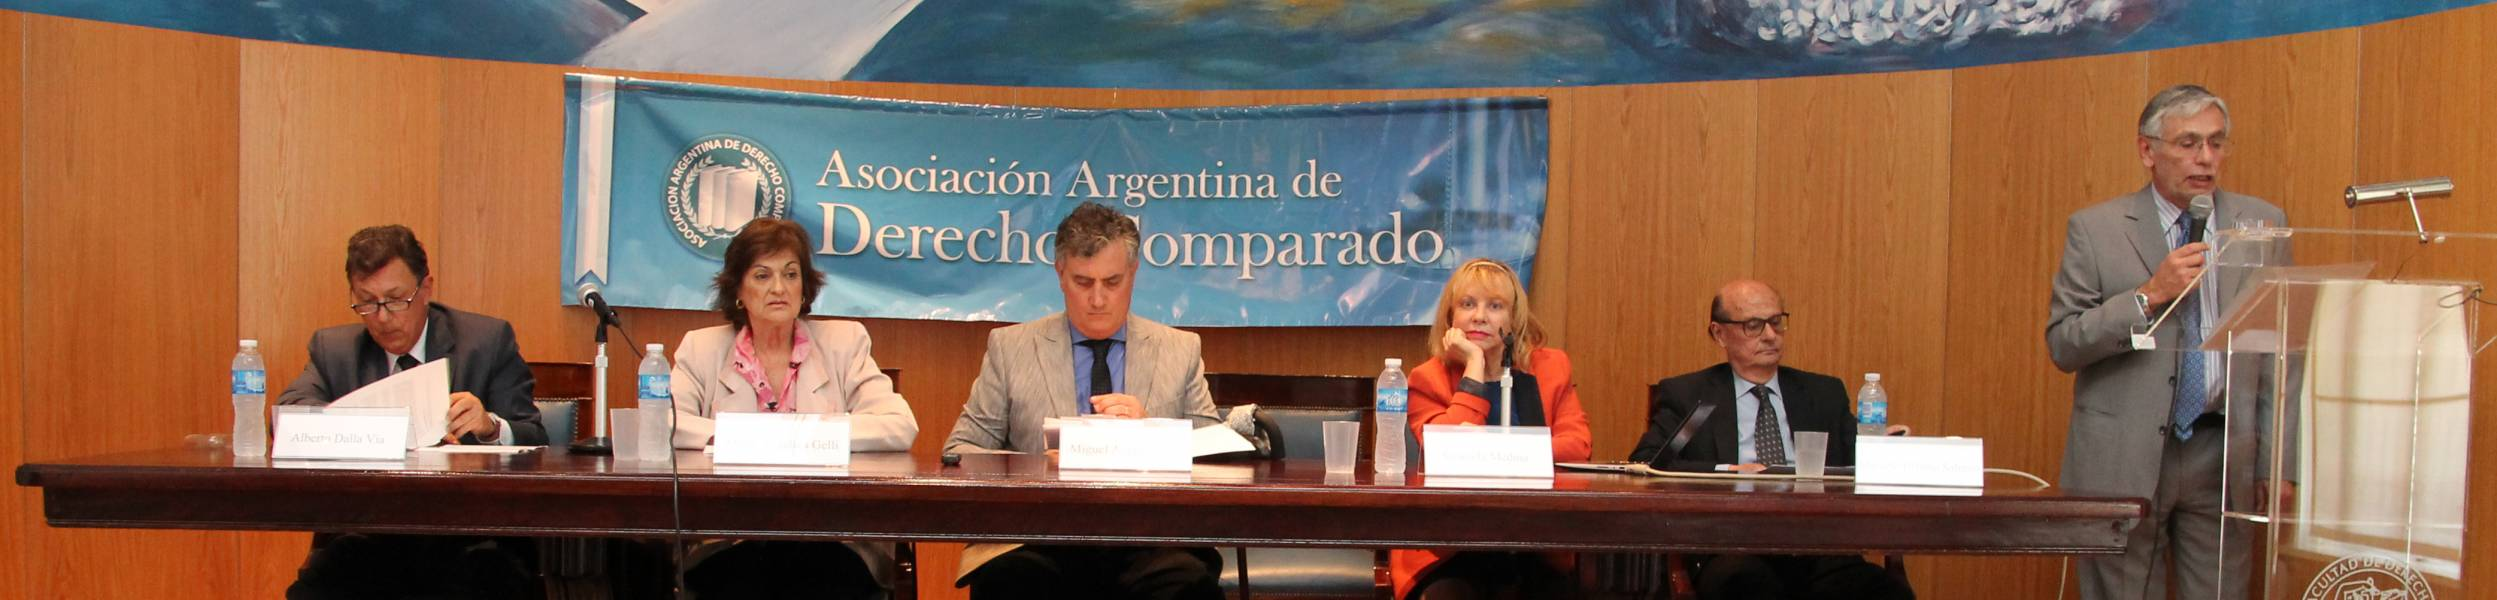 Alberto Dalla Via, María Angélica Gelli, Miguel Ángel Acosta, Graciela Medina, Marcelo Urbano Salerno y Pedro Aberastury